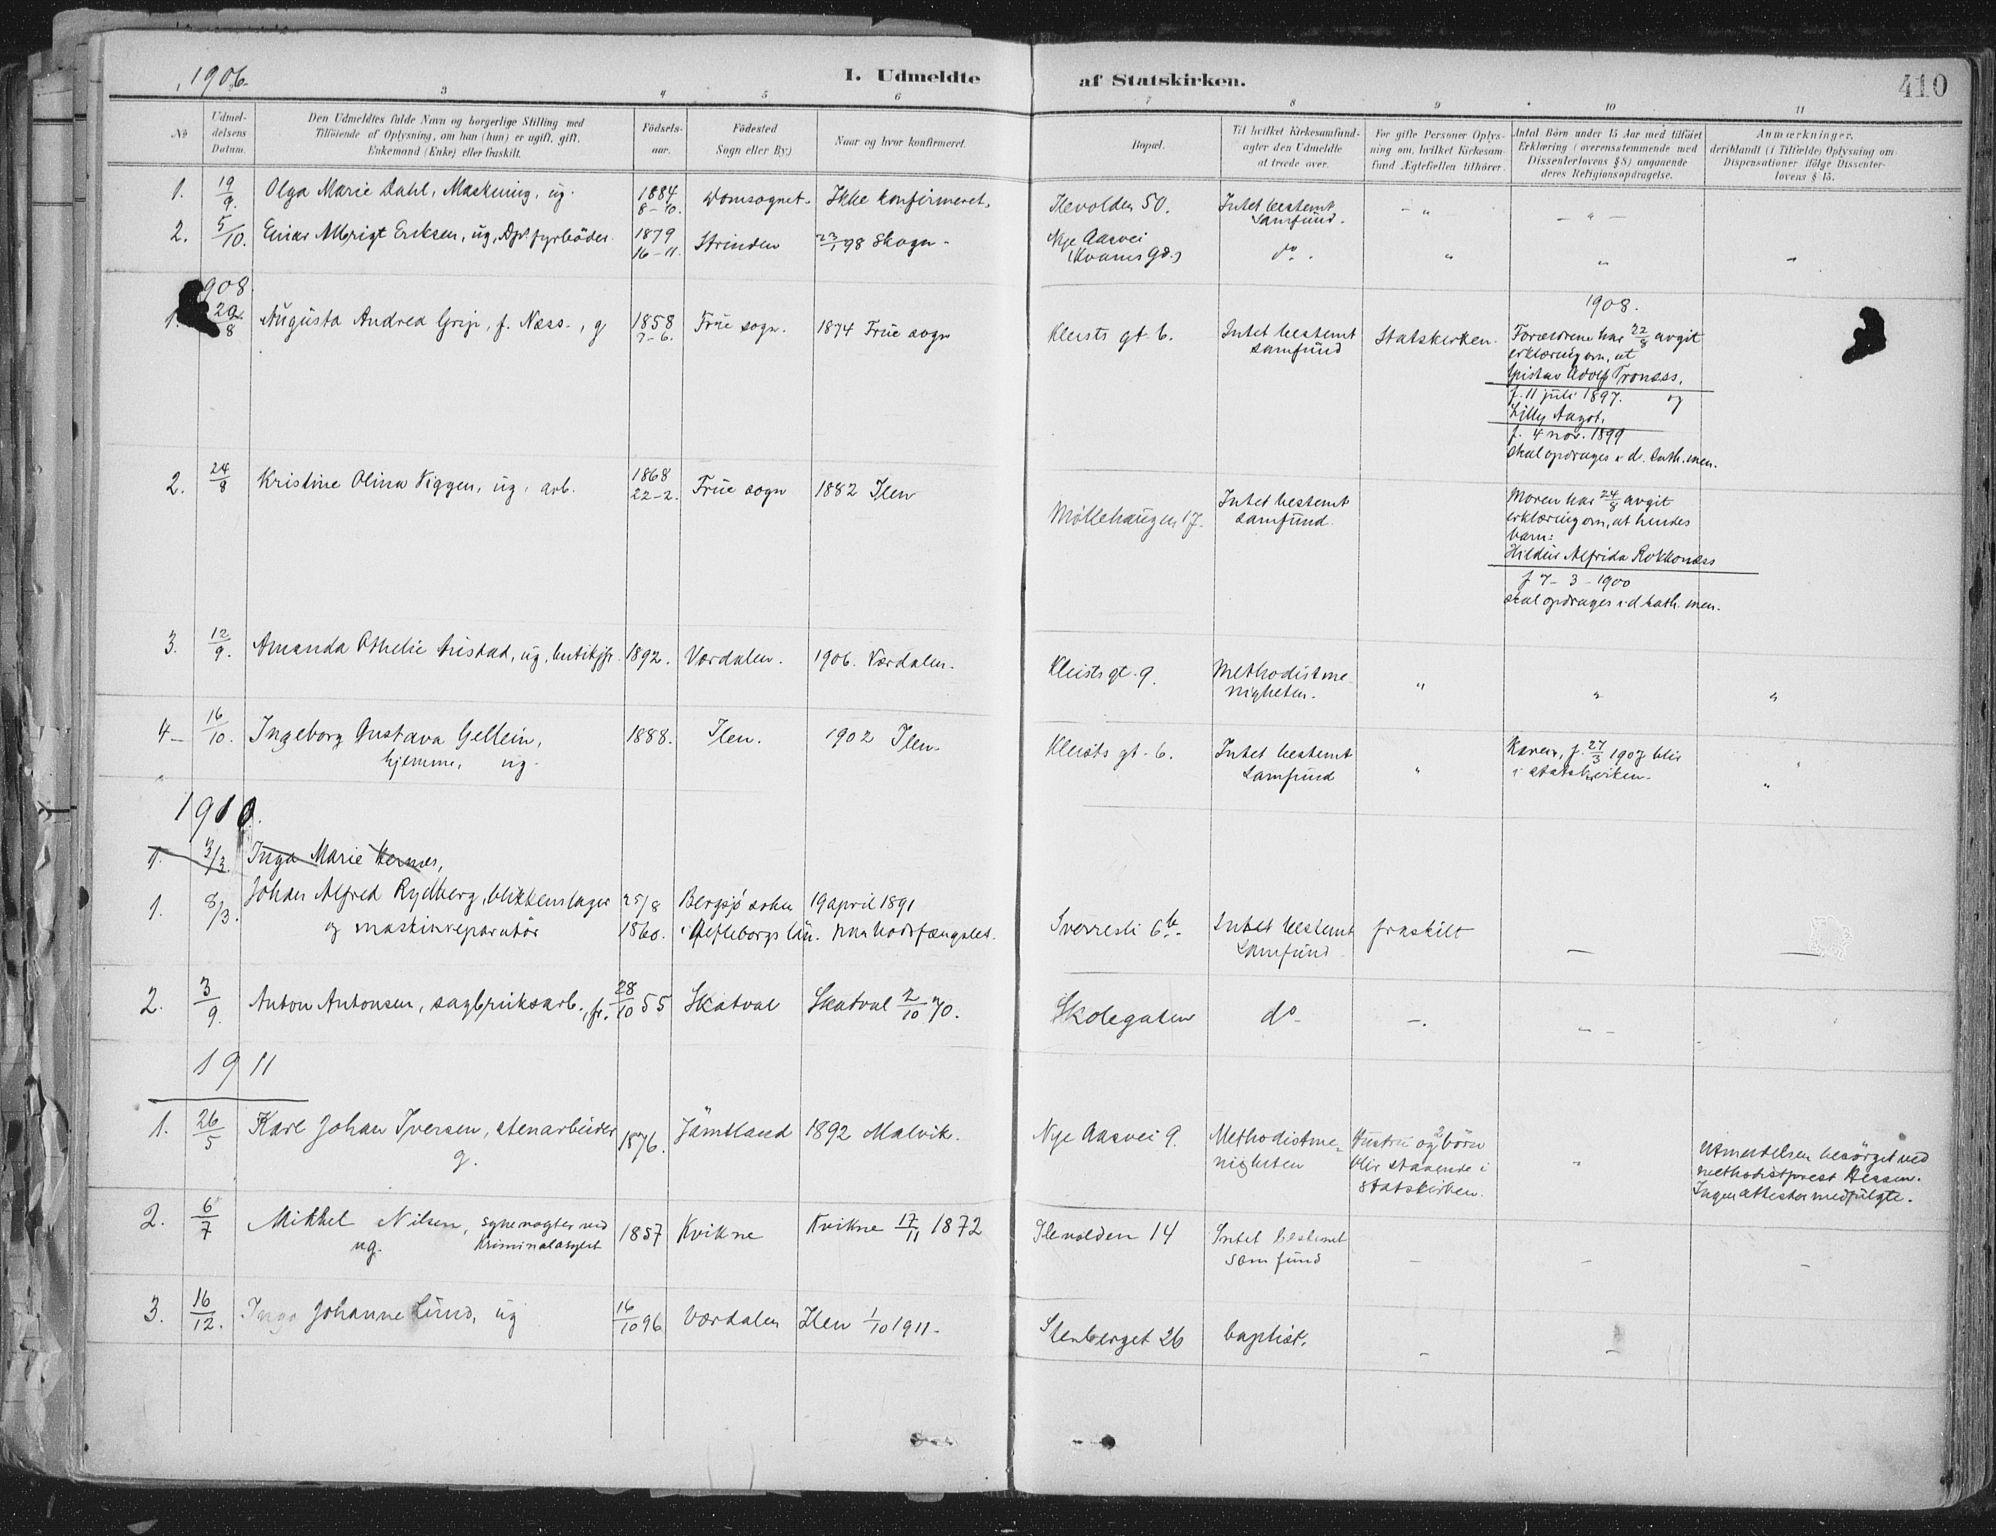 SAT, Ministerialprotokoller, klokkerbøker og fødselsregistre - Sør-Trøndelag, 603/L0167: Ministerialbok nr. 603A06, 1896-1932, s. 410